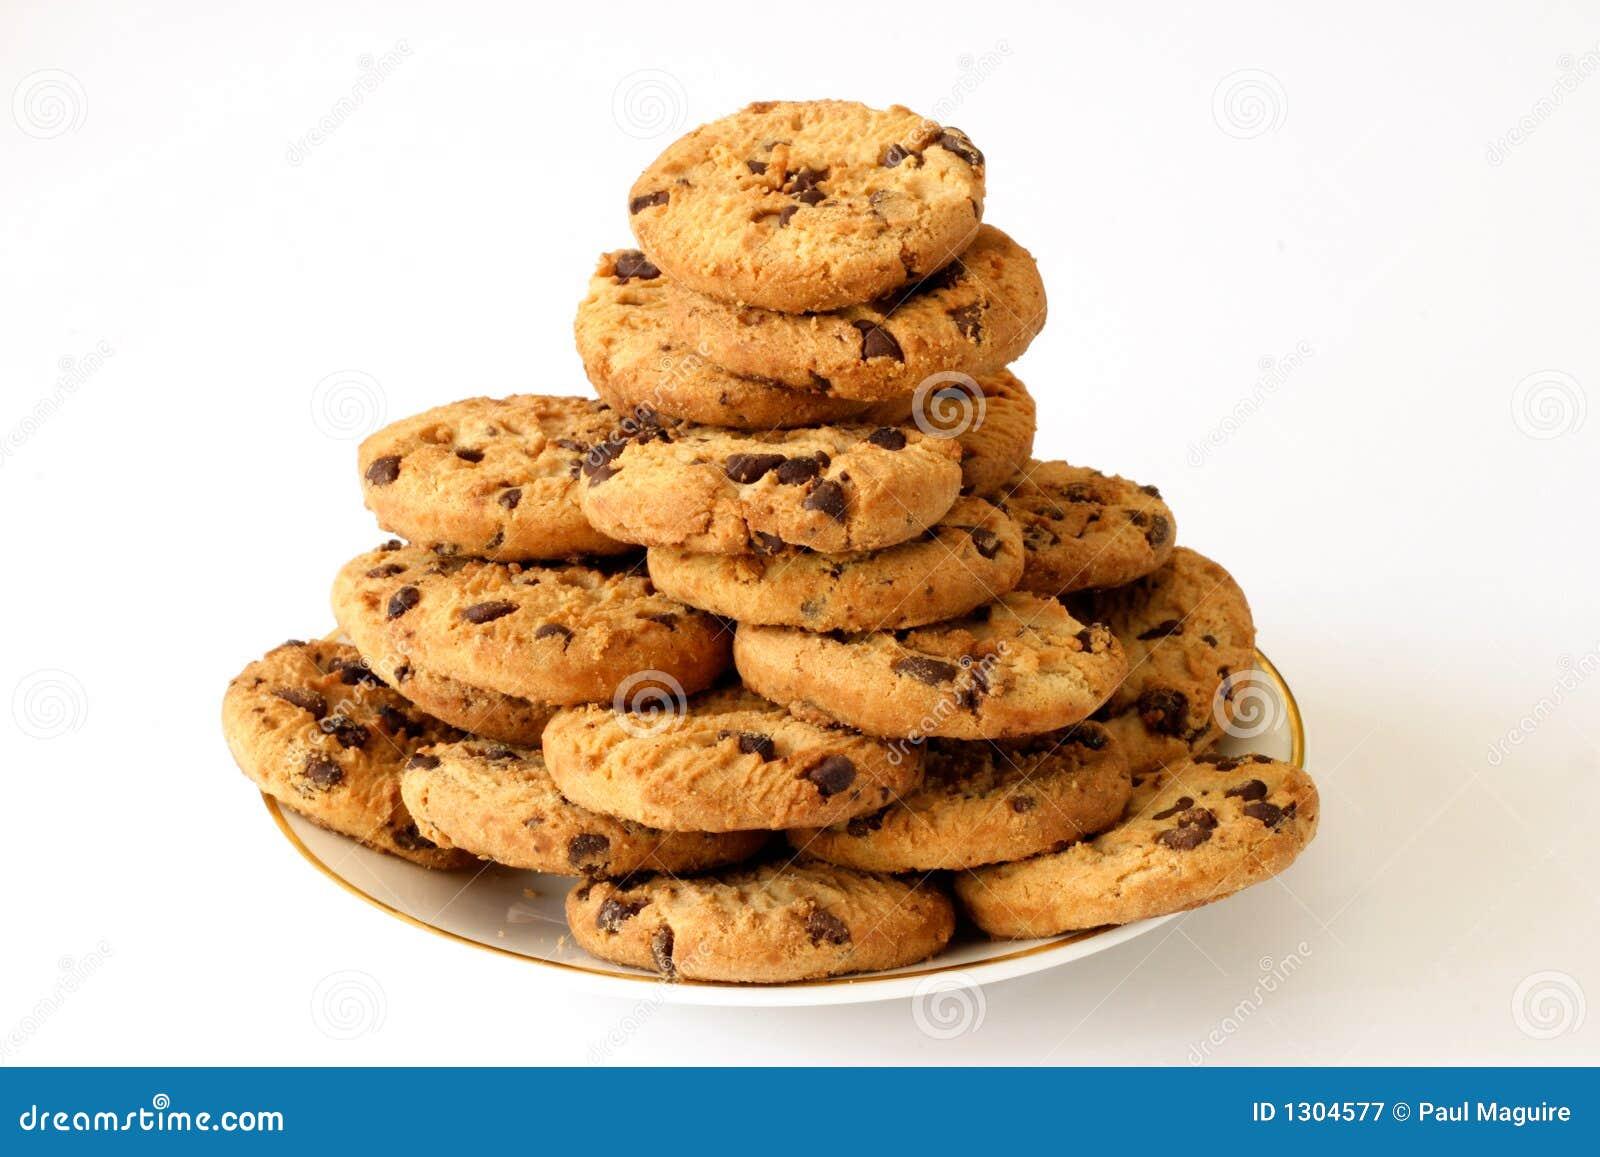 Placa de galletas